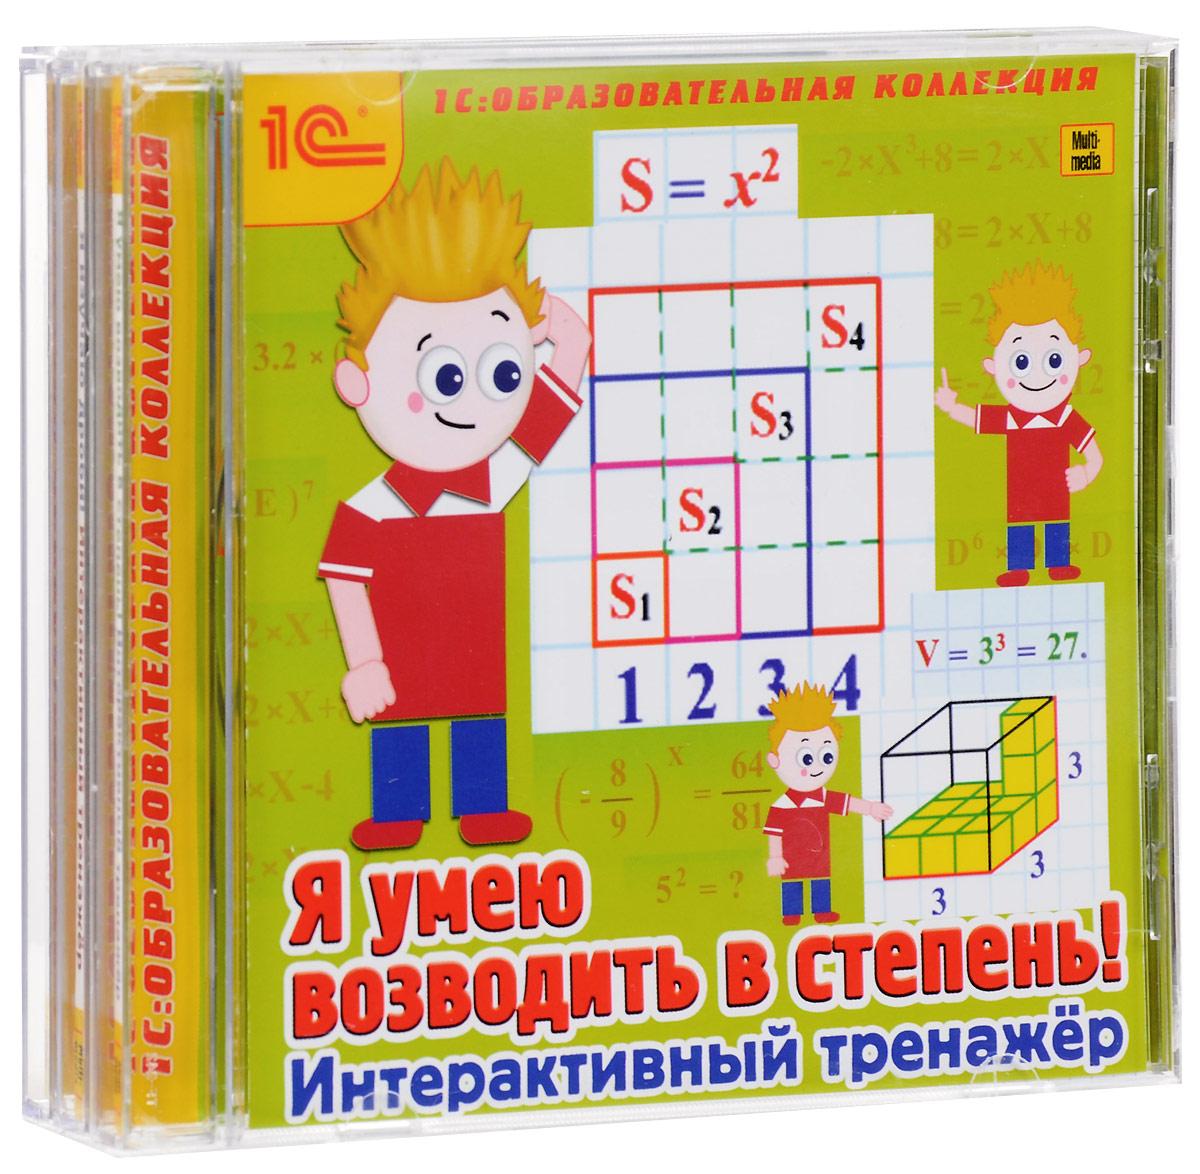 1С:Образовательная коллекция. Комплект тренажеров по математике